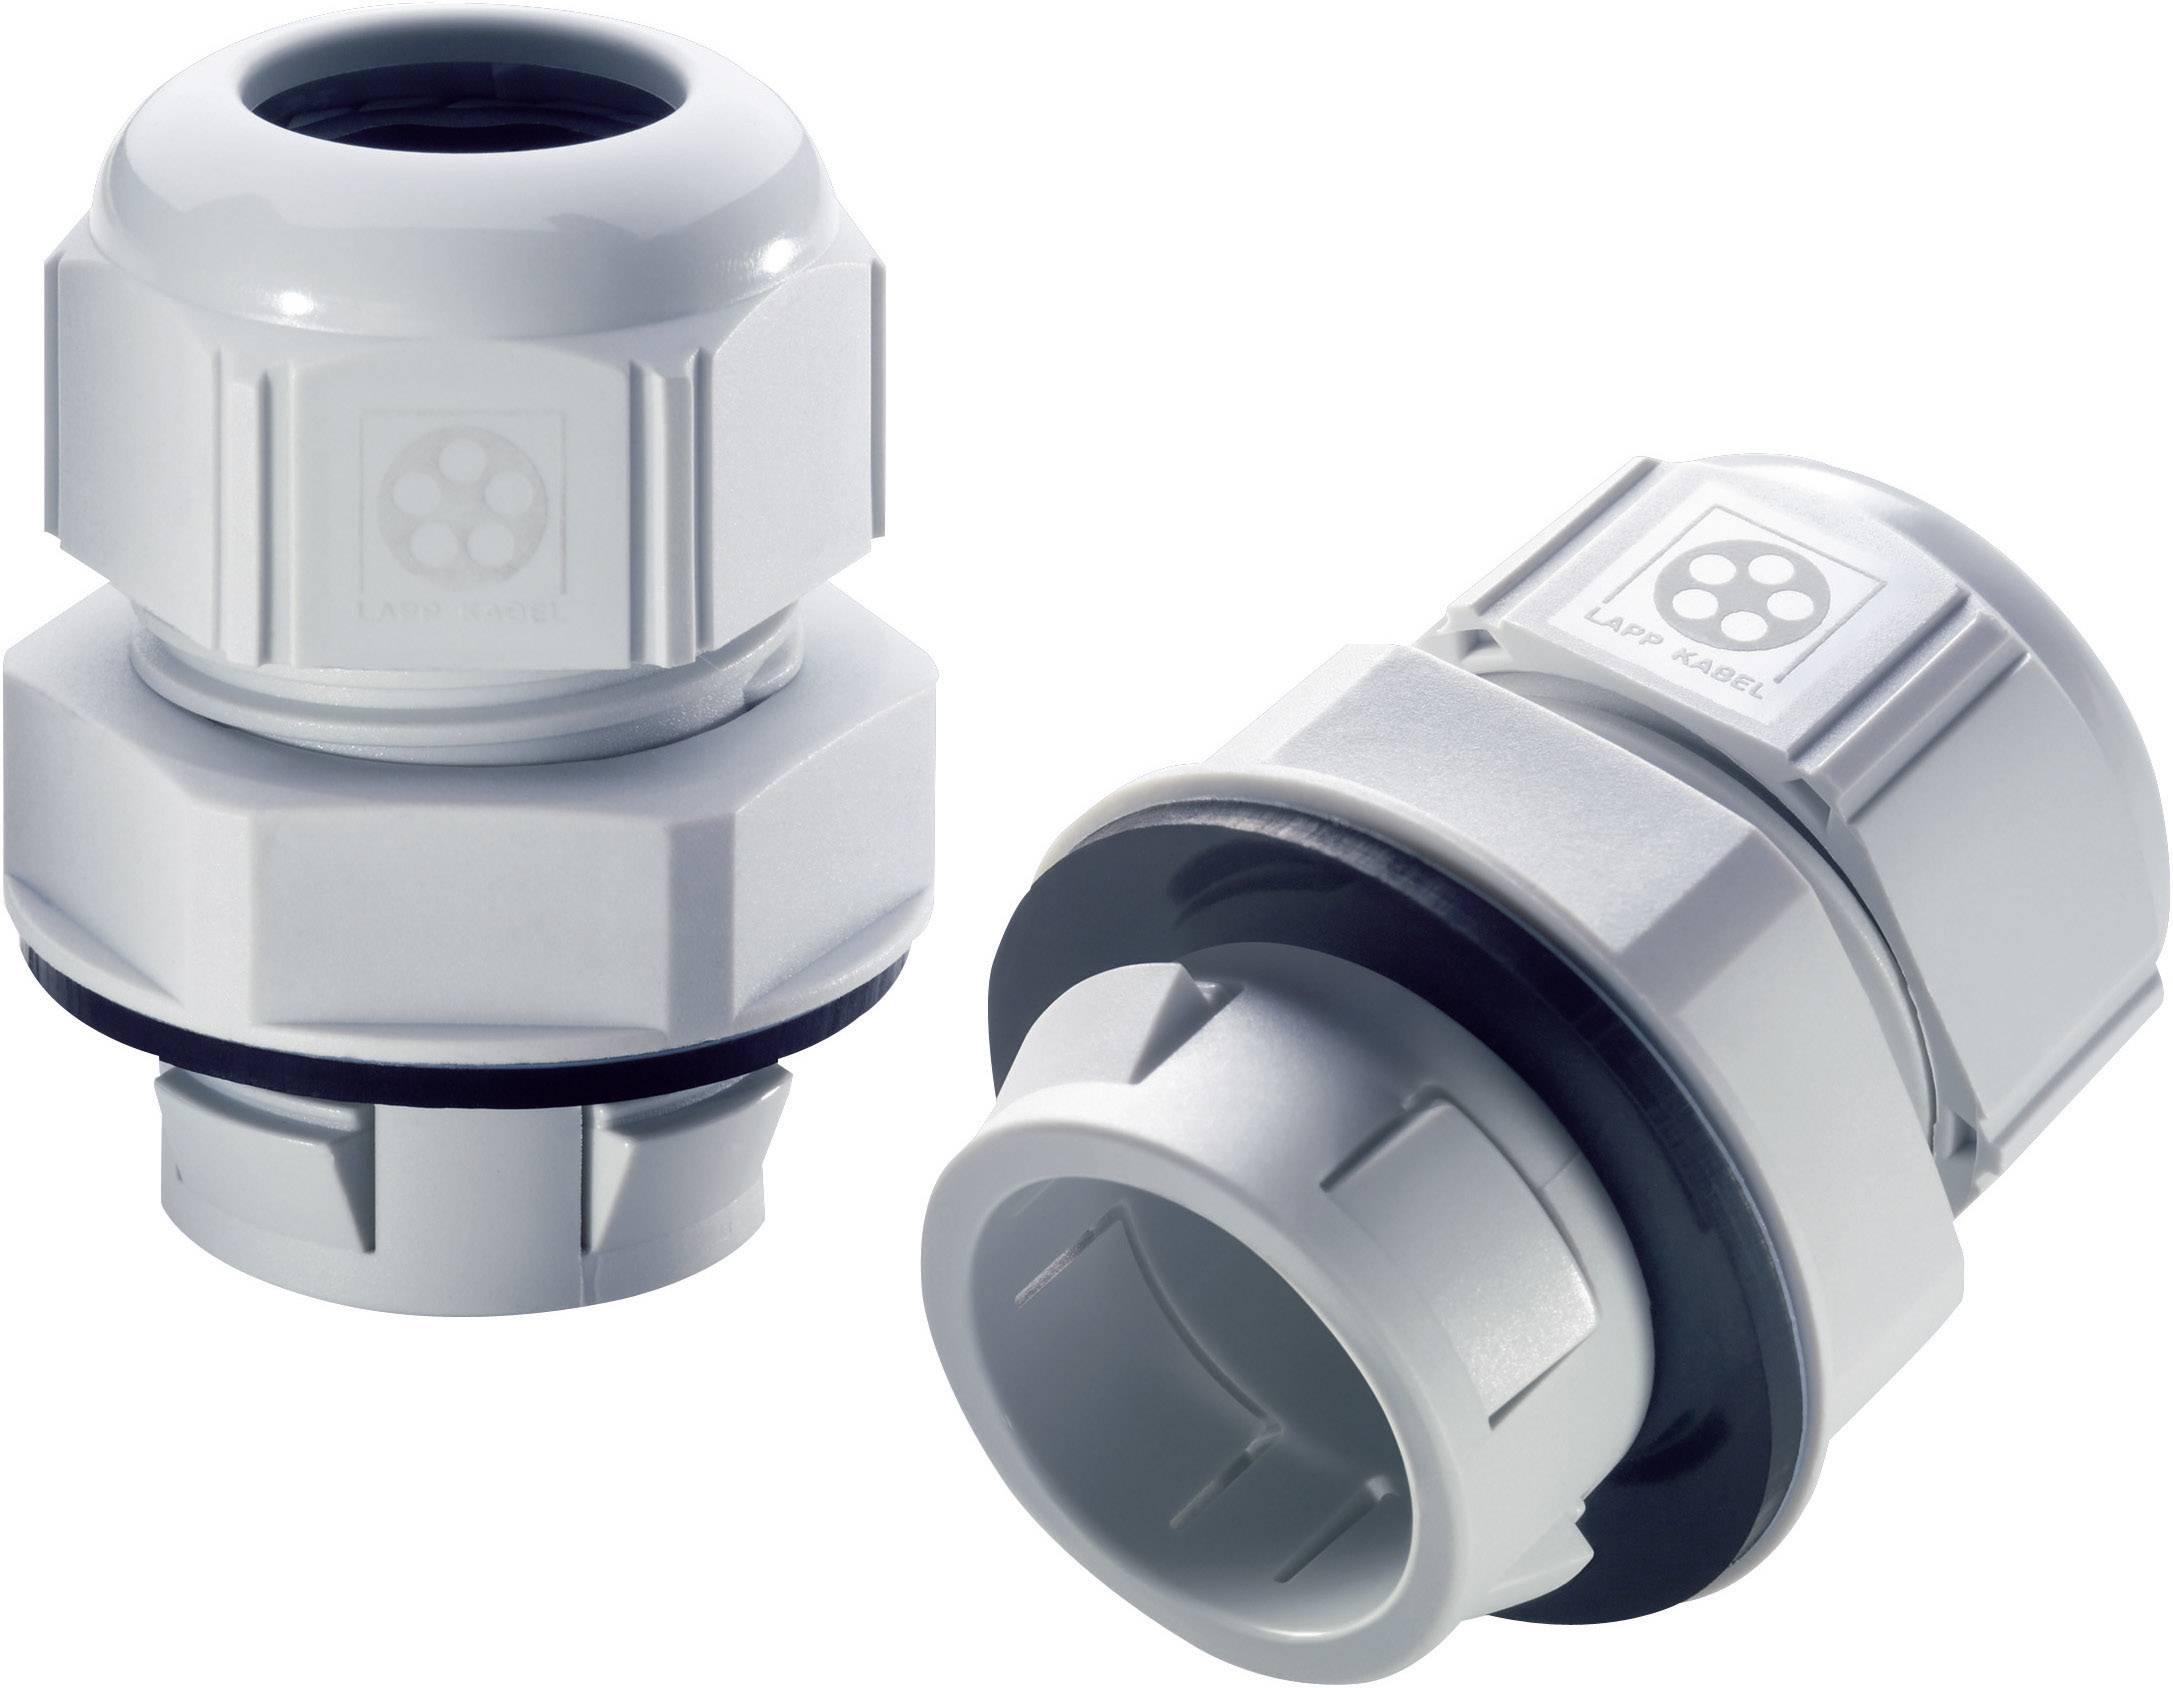 Kabelová průchodka LappKabel Click M16 (53112686), M16, světle šedá (RAL 7035)